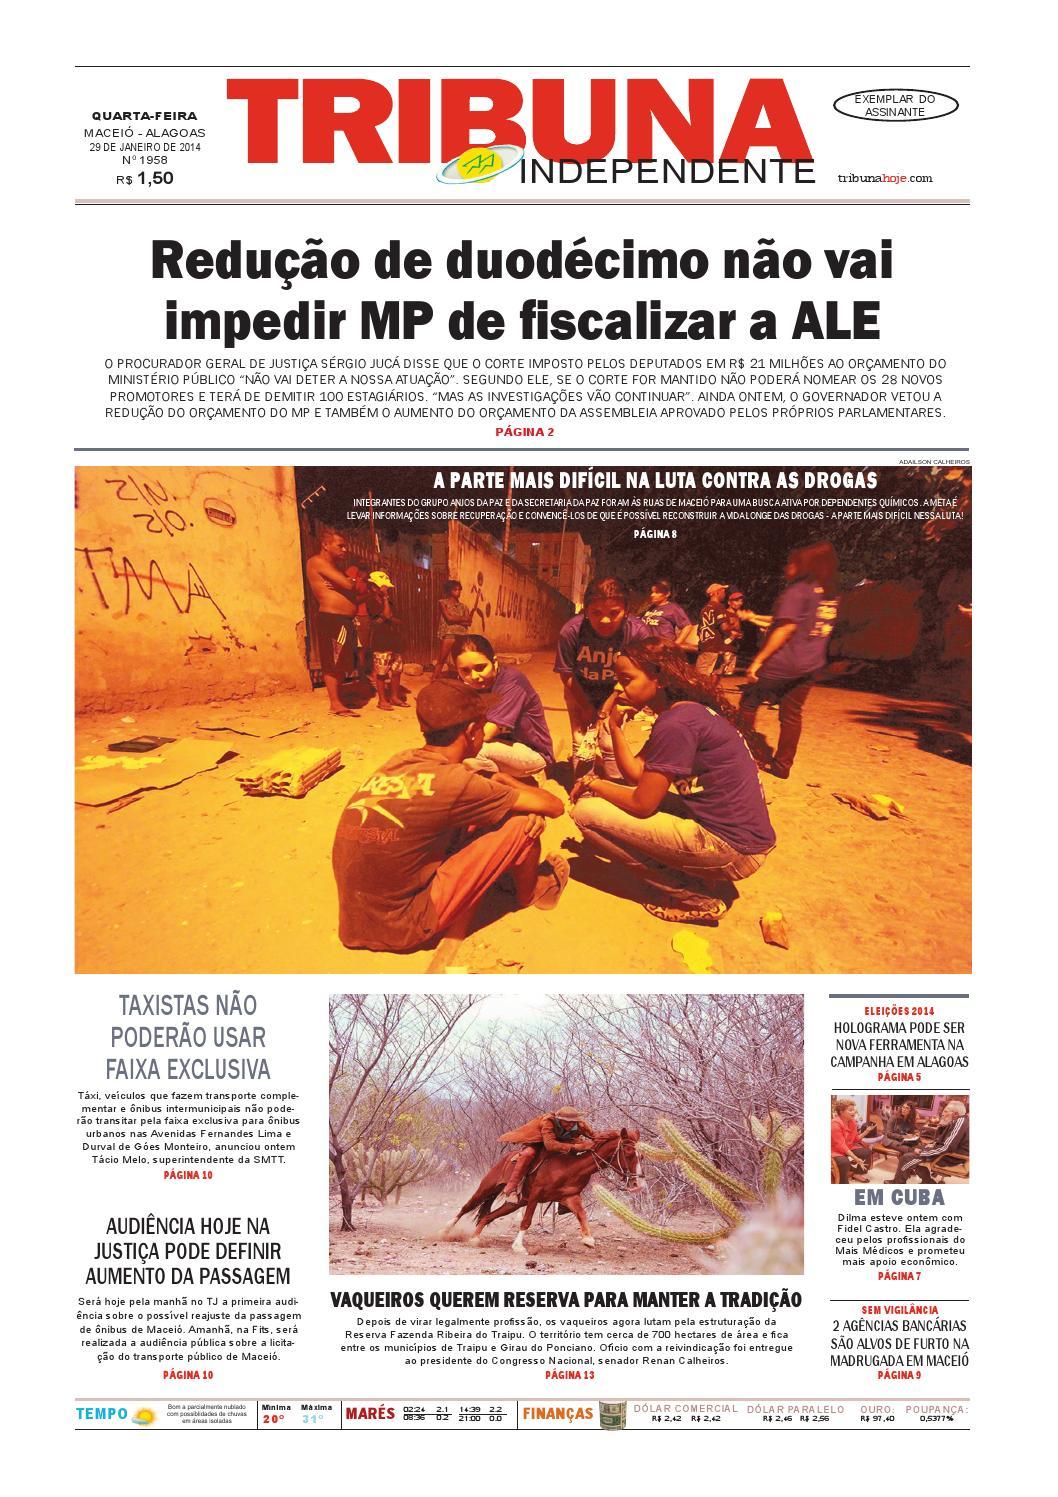 1459ea03a0105 Edição número 1958 - 29 de janeiro de 2014 by Tribuna Hoje - issuu